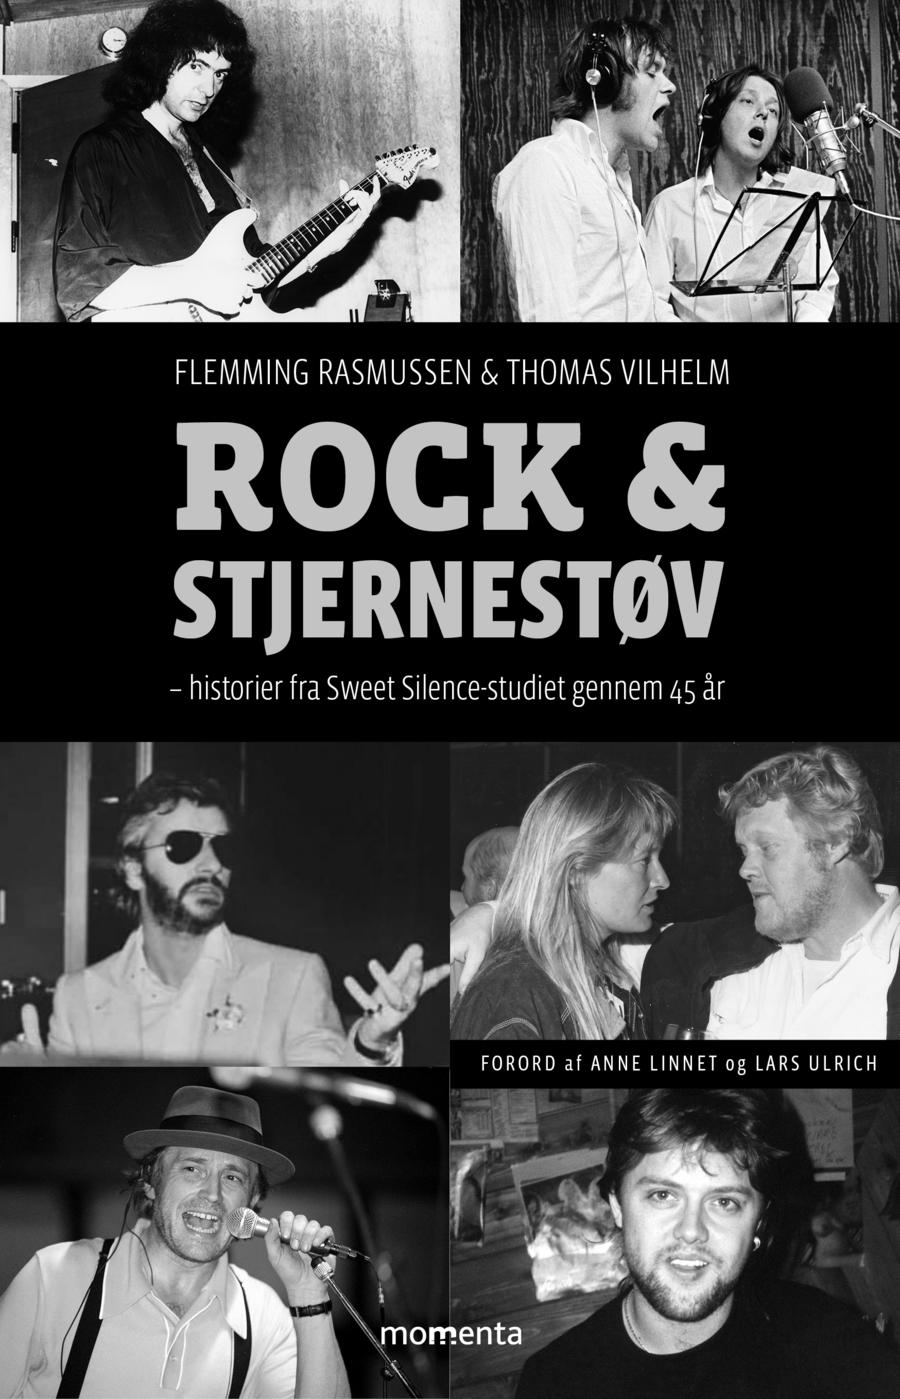 Rock & Stjernestøv byder på fantastiske historier og mange informationer